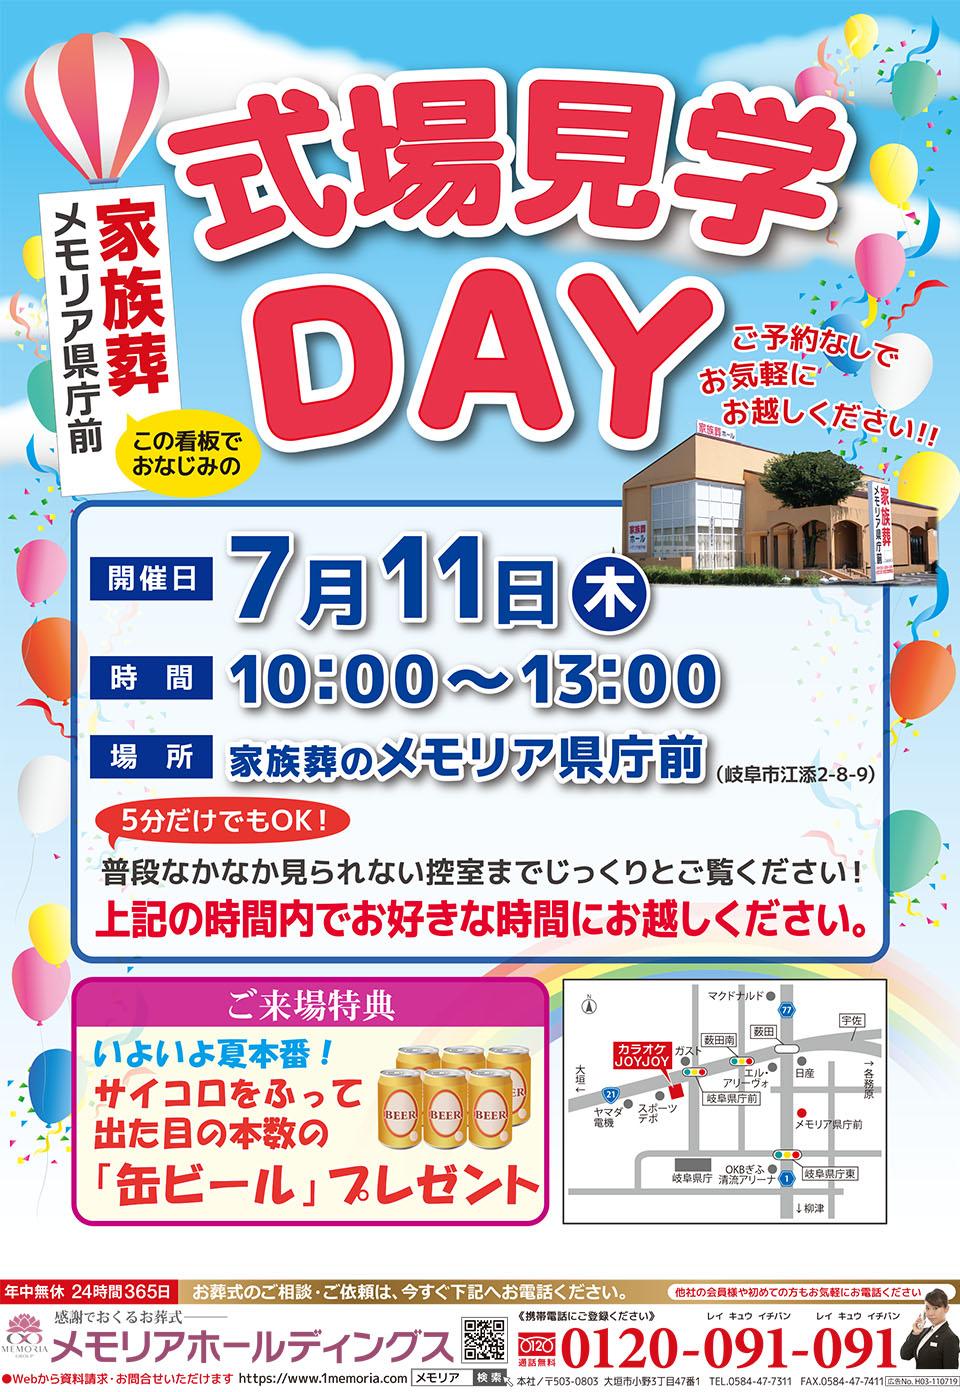 2019/7/11 式場見学DAY メモリア県庁前